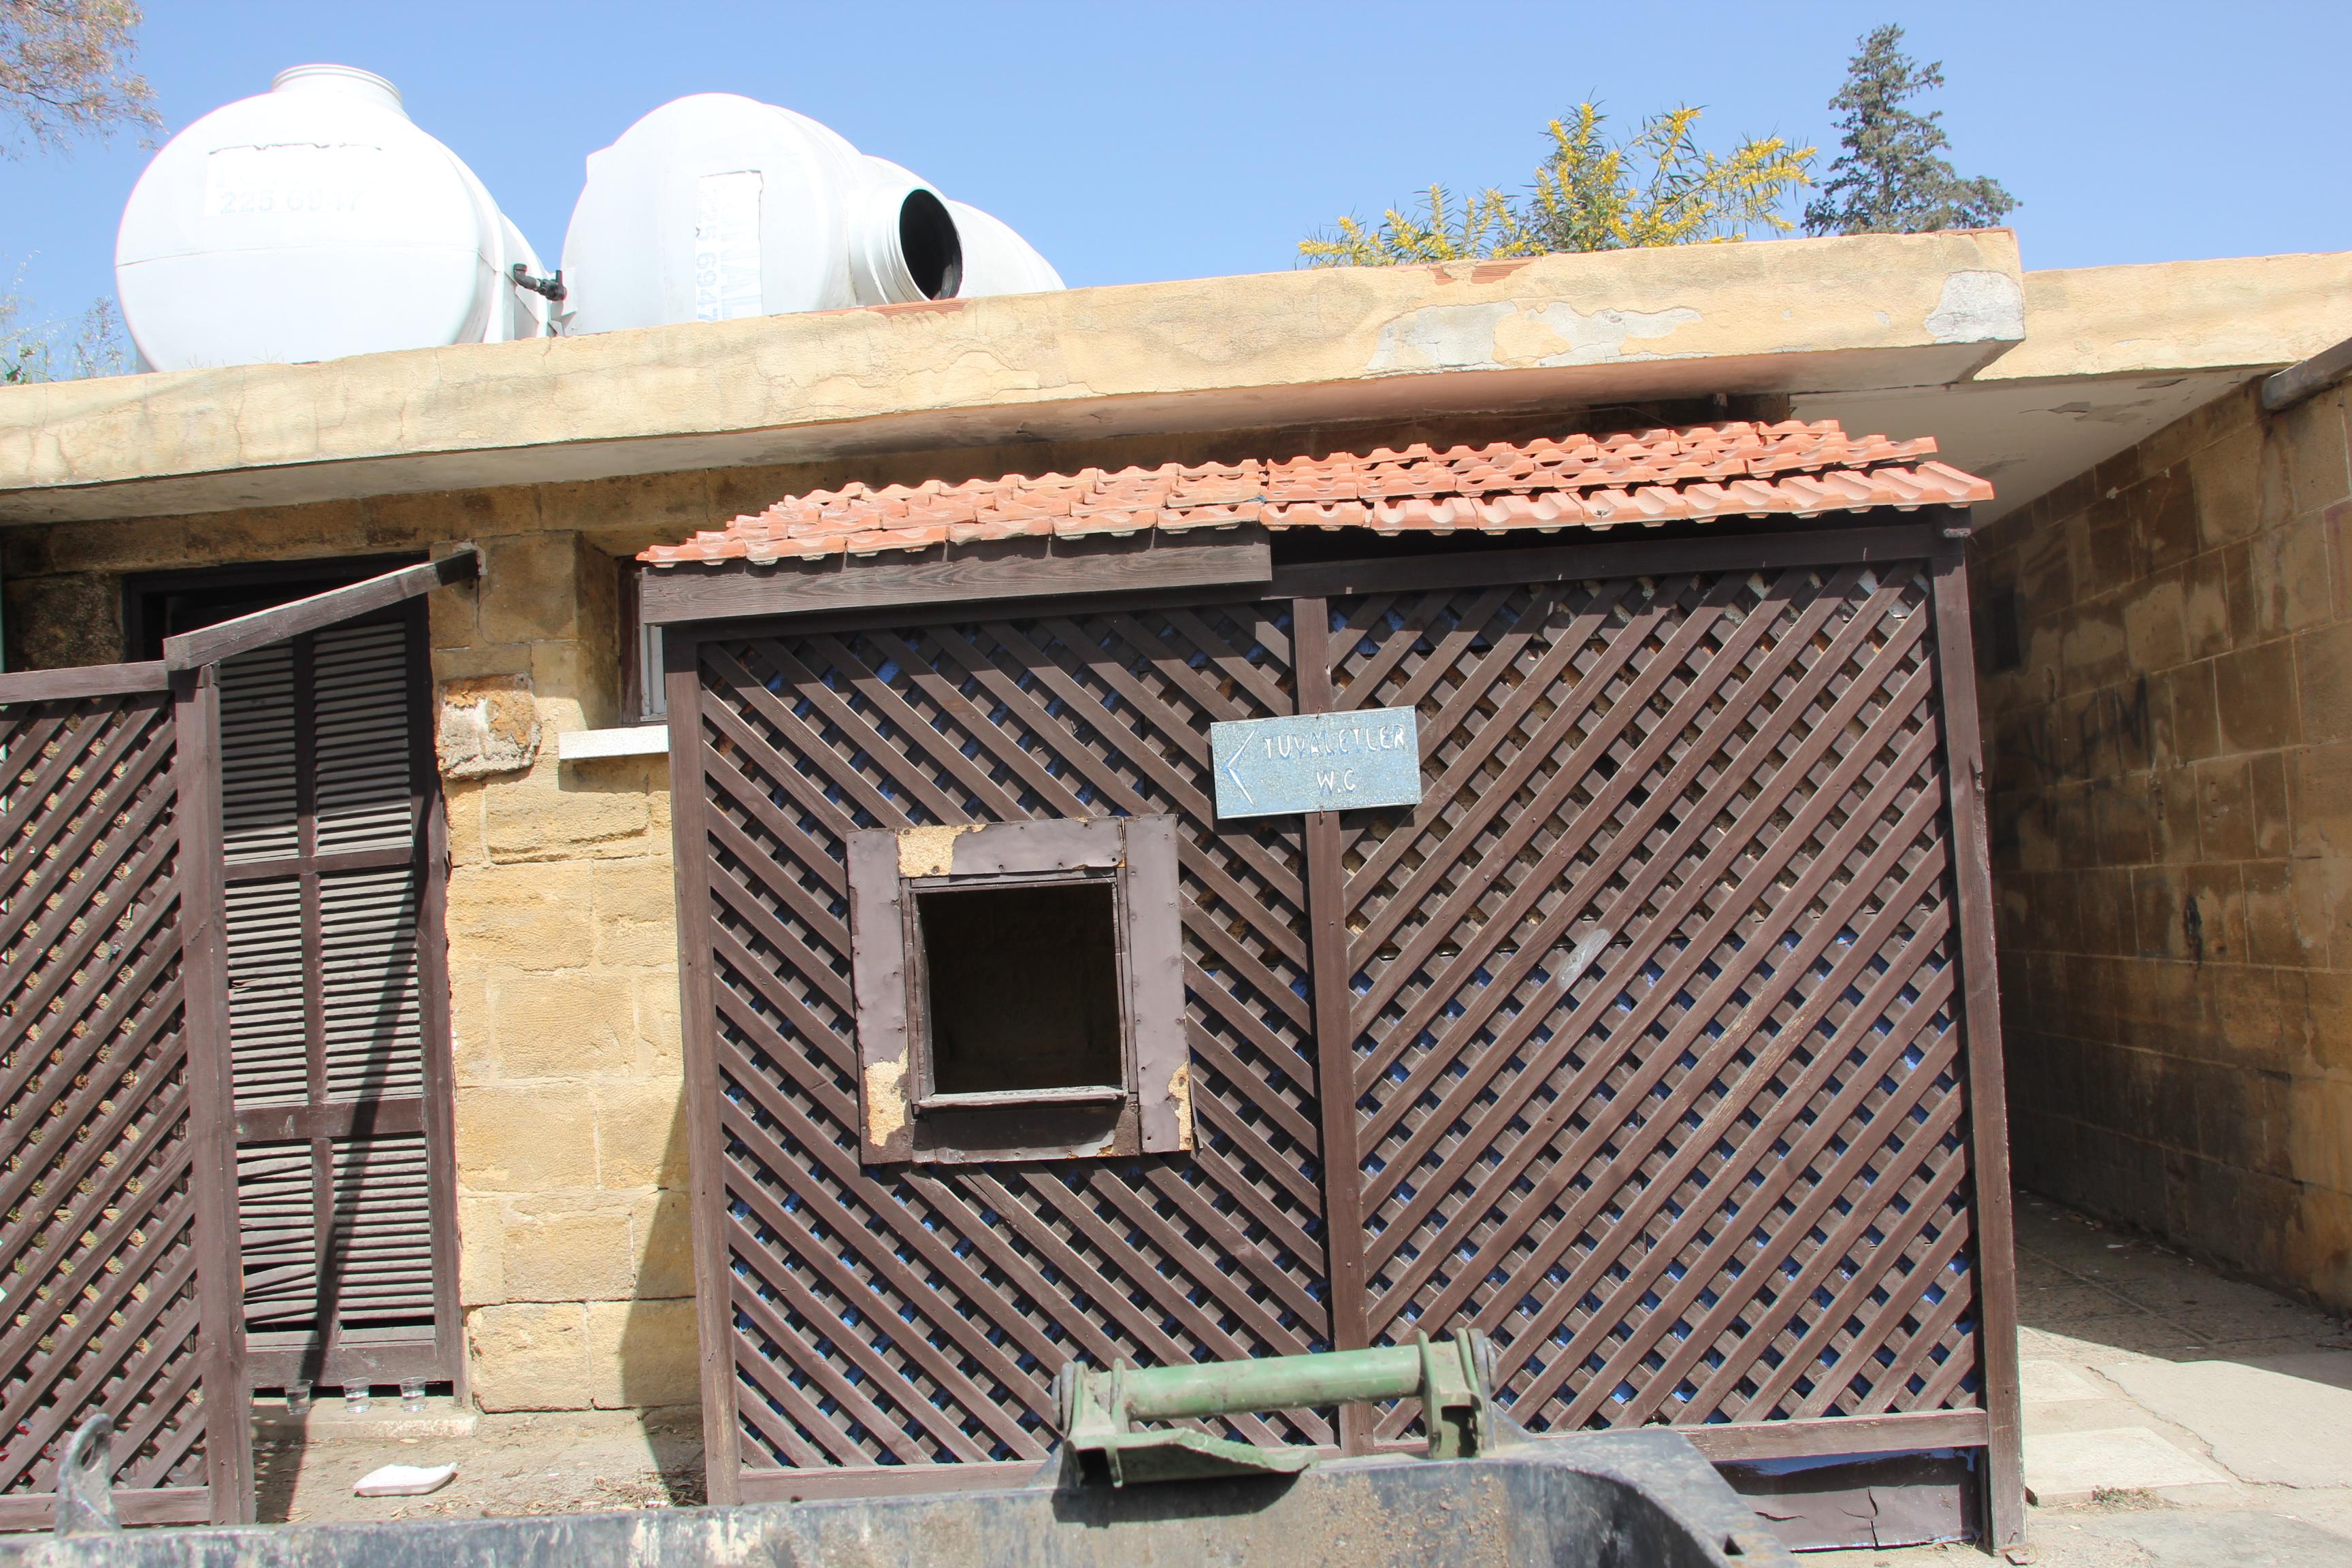 Lefkoşa'nın Göbeğinde Zincirli Tuvaletler